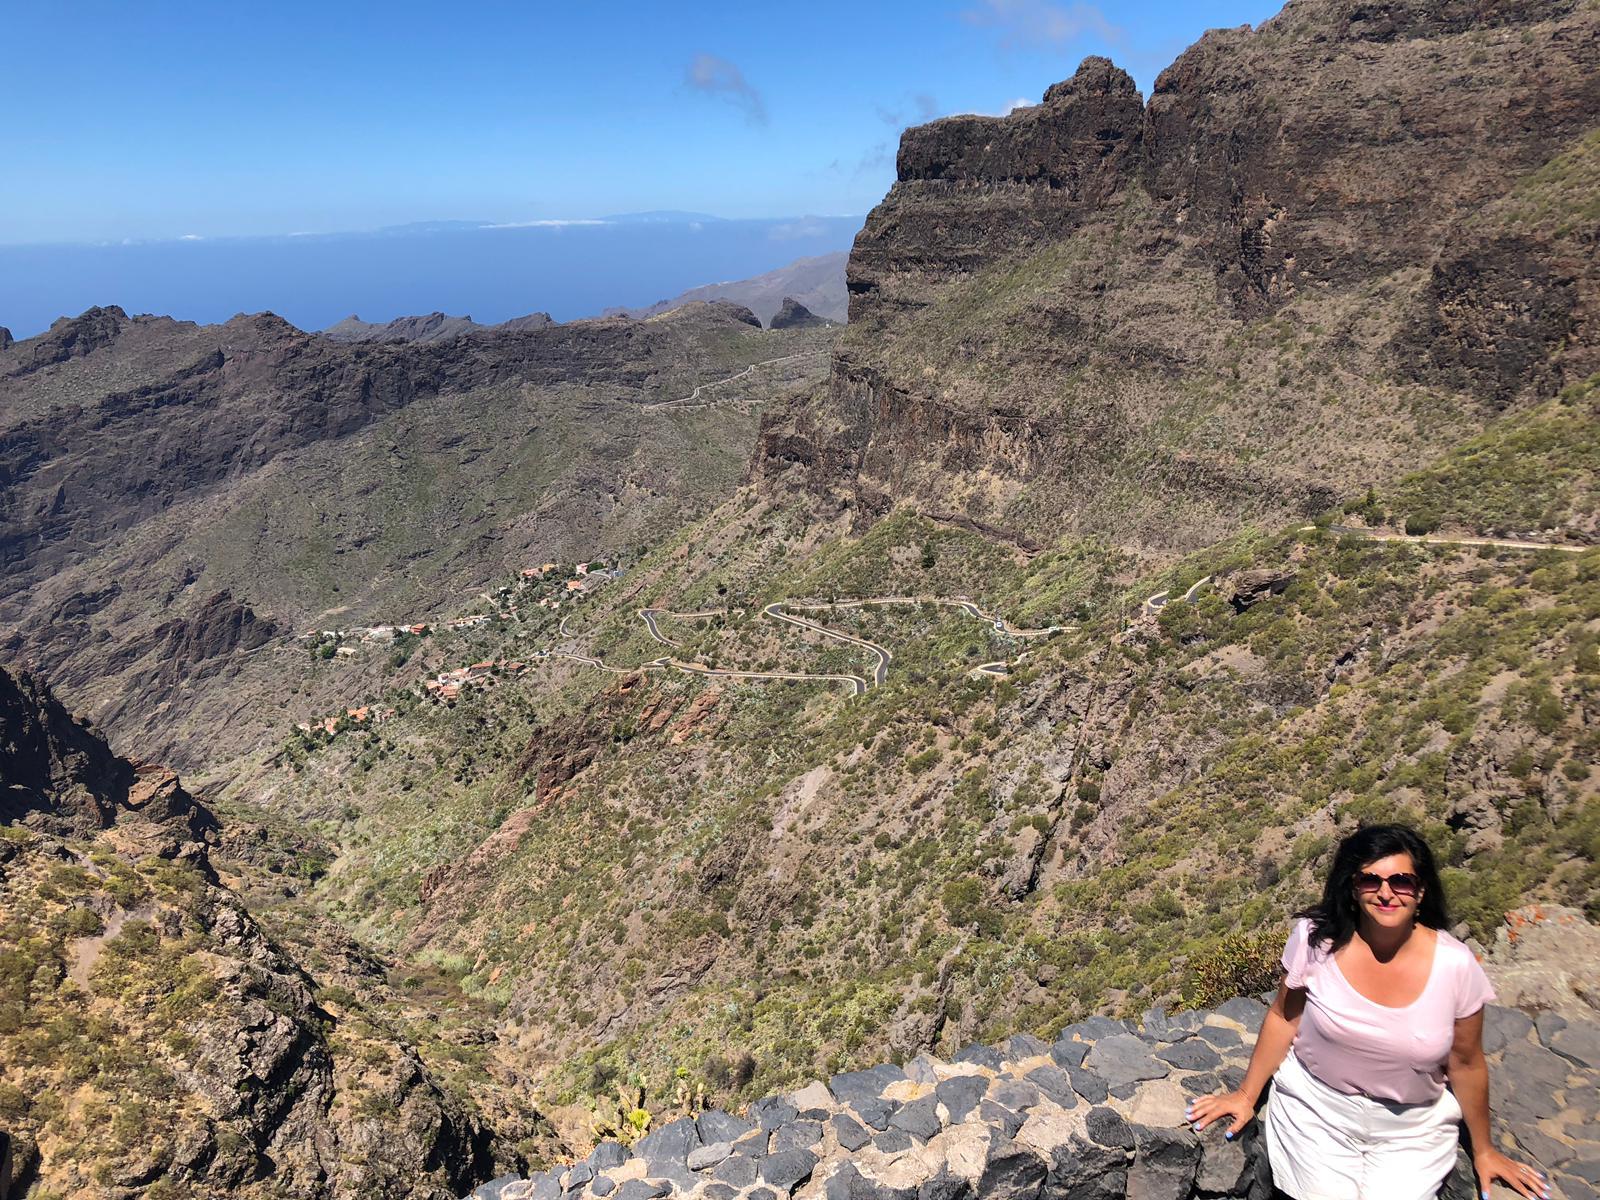 Cristina Almeida con Masca y la isla de La Palma de fondo